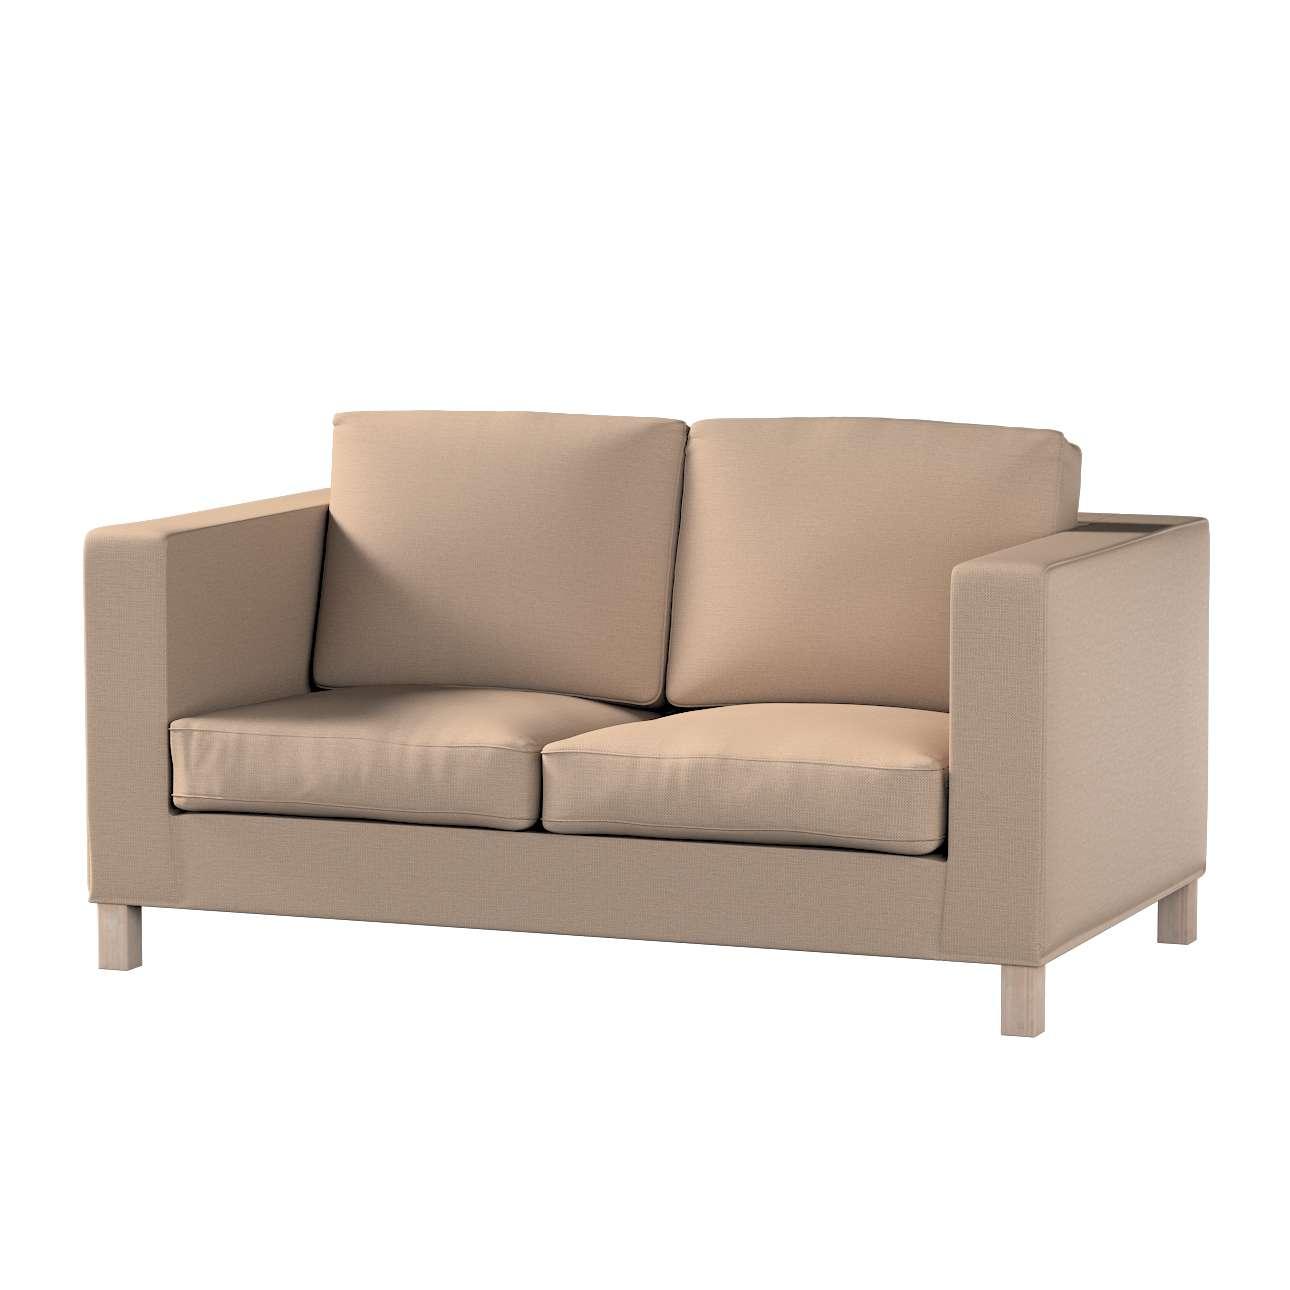 Bezug für Karlanda 2-Sitzer Sofa nicht ausklappbar, kurz von der Kollektion Bergen, Stoff: 161-75